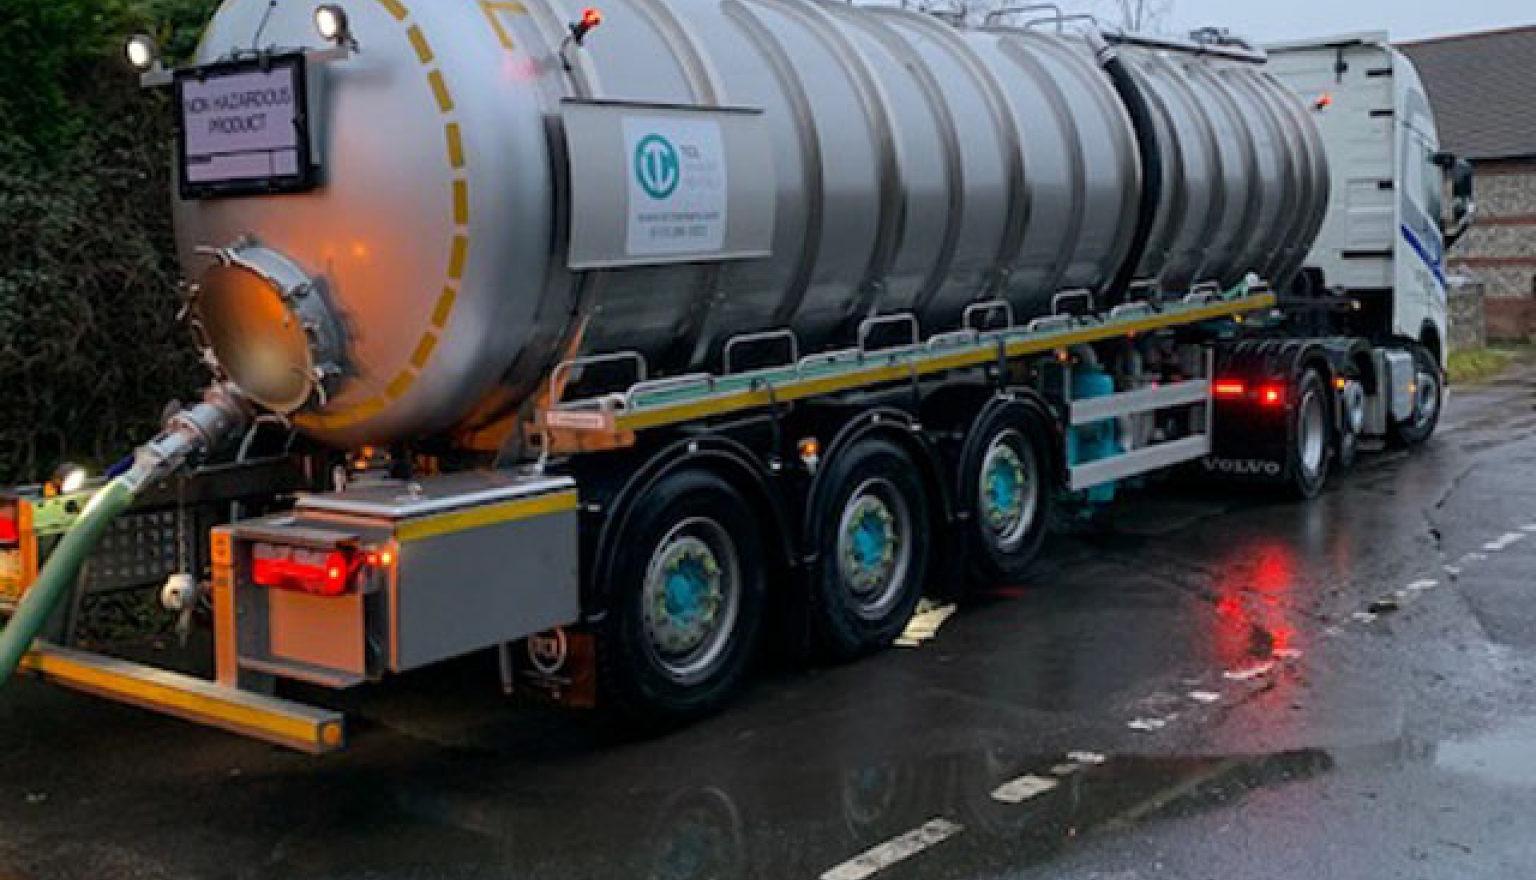 tanker-dorset1-1536x1536.jpg